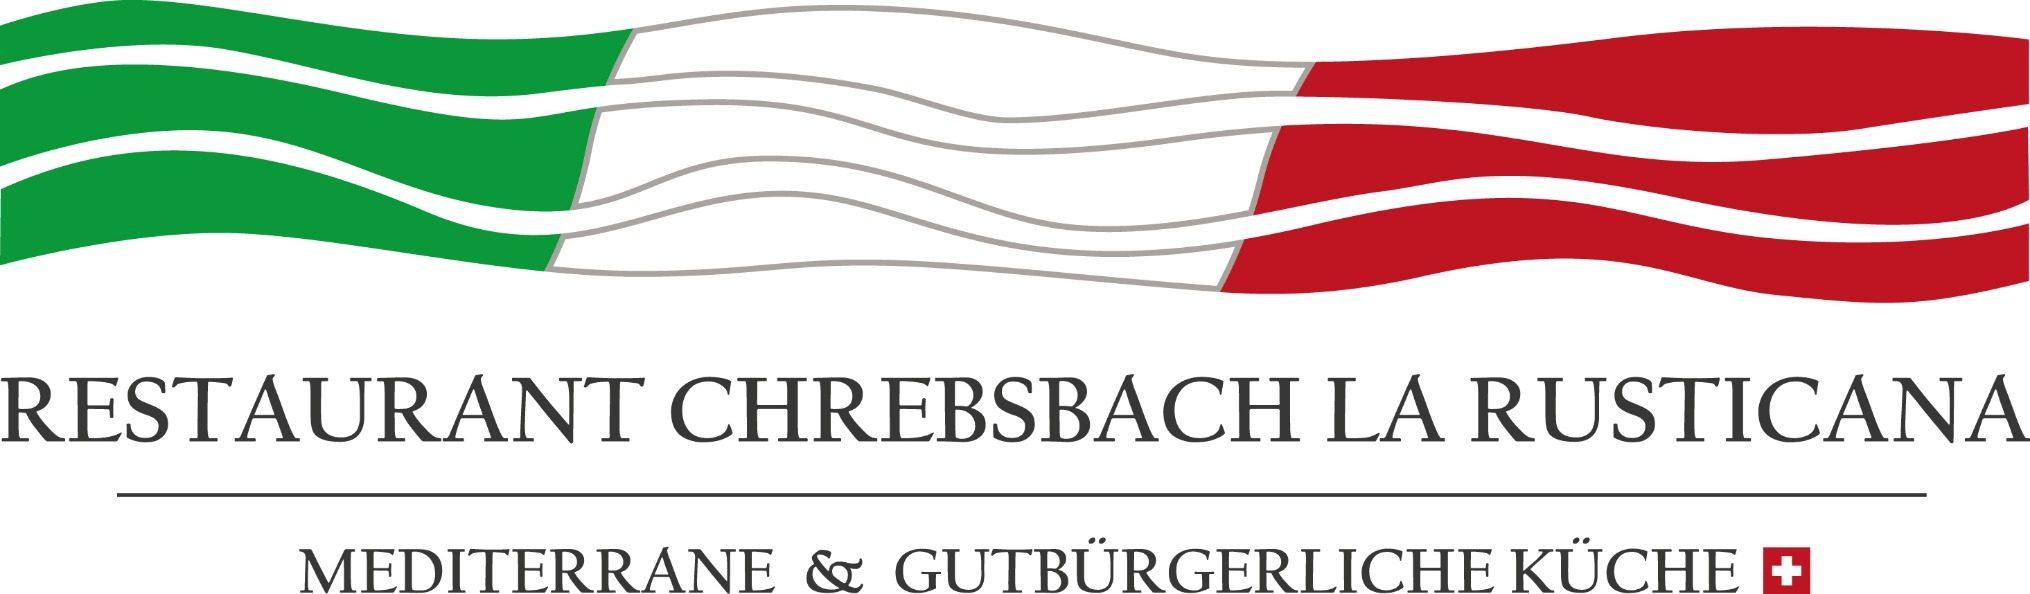 Chrebsbach La Rusticana